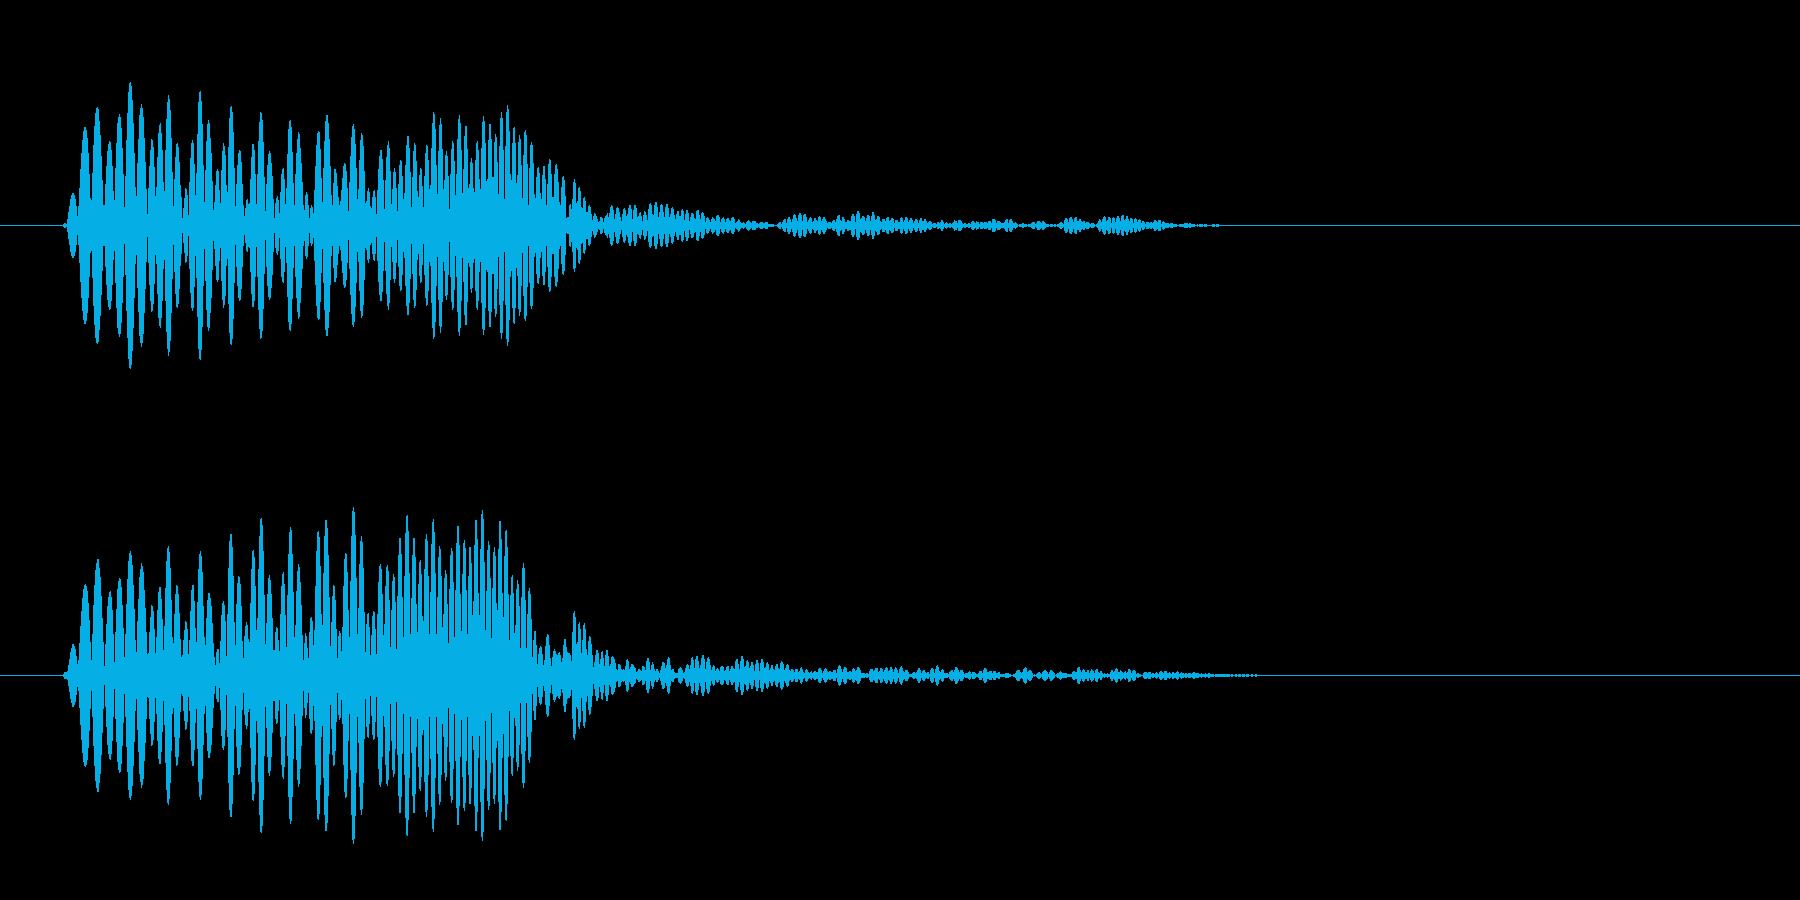 ポワ ポワッ ポッ(クリアな決定音)の再生済みの波形